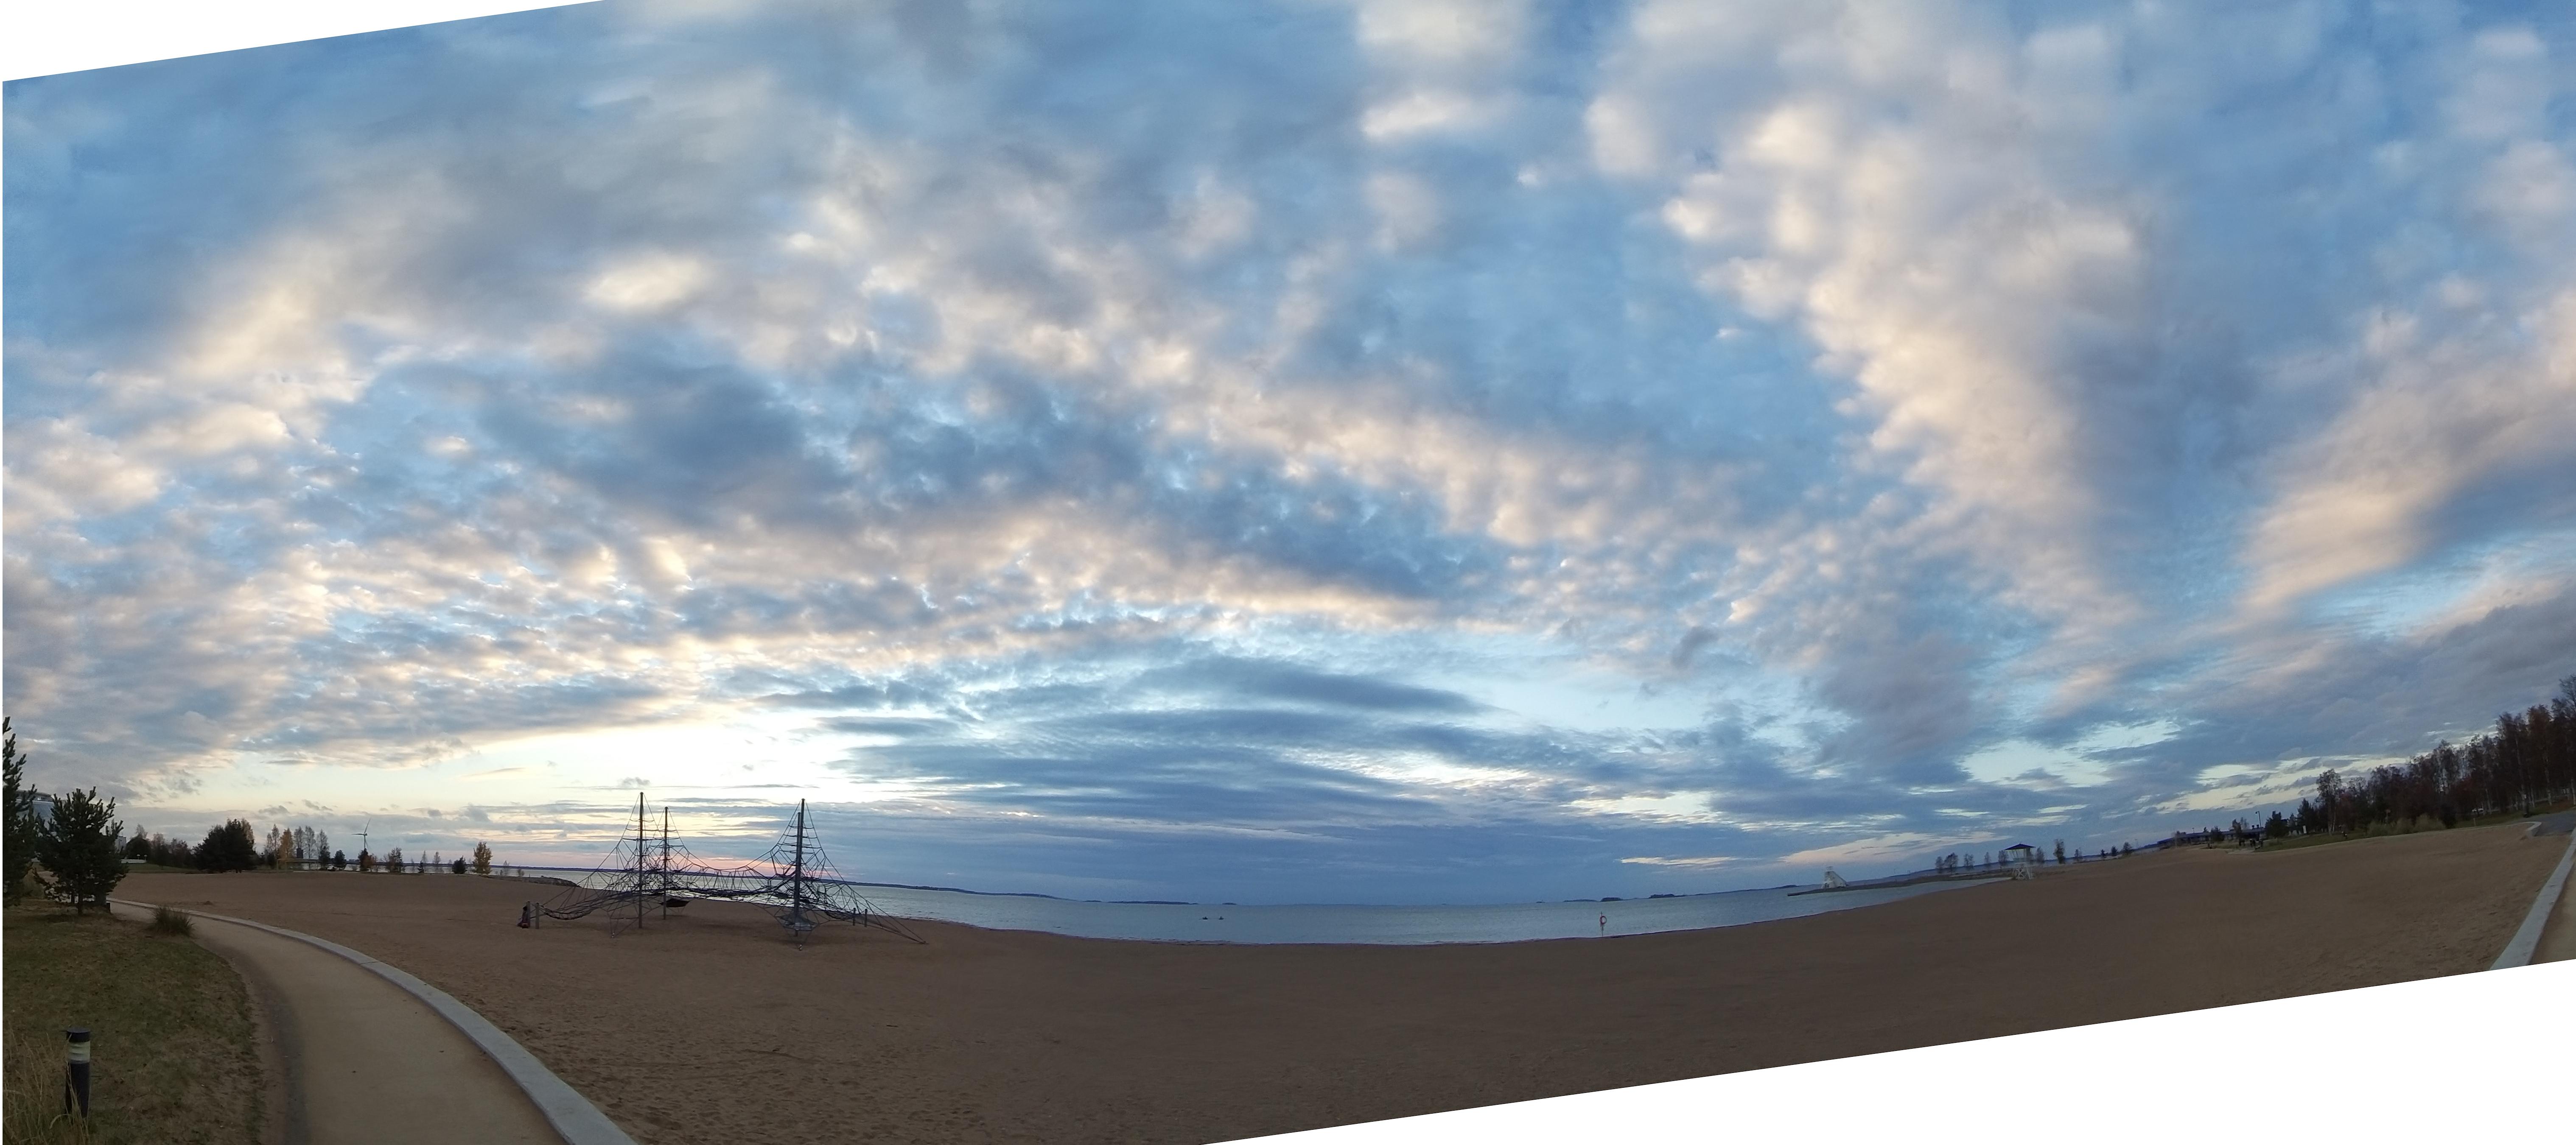 Hattarapilviä meren yllä Nallikarin rannalta kuvattuna